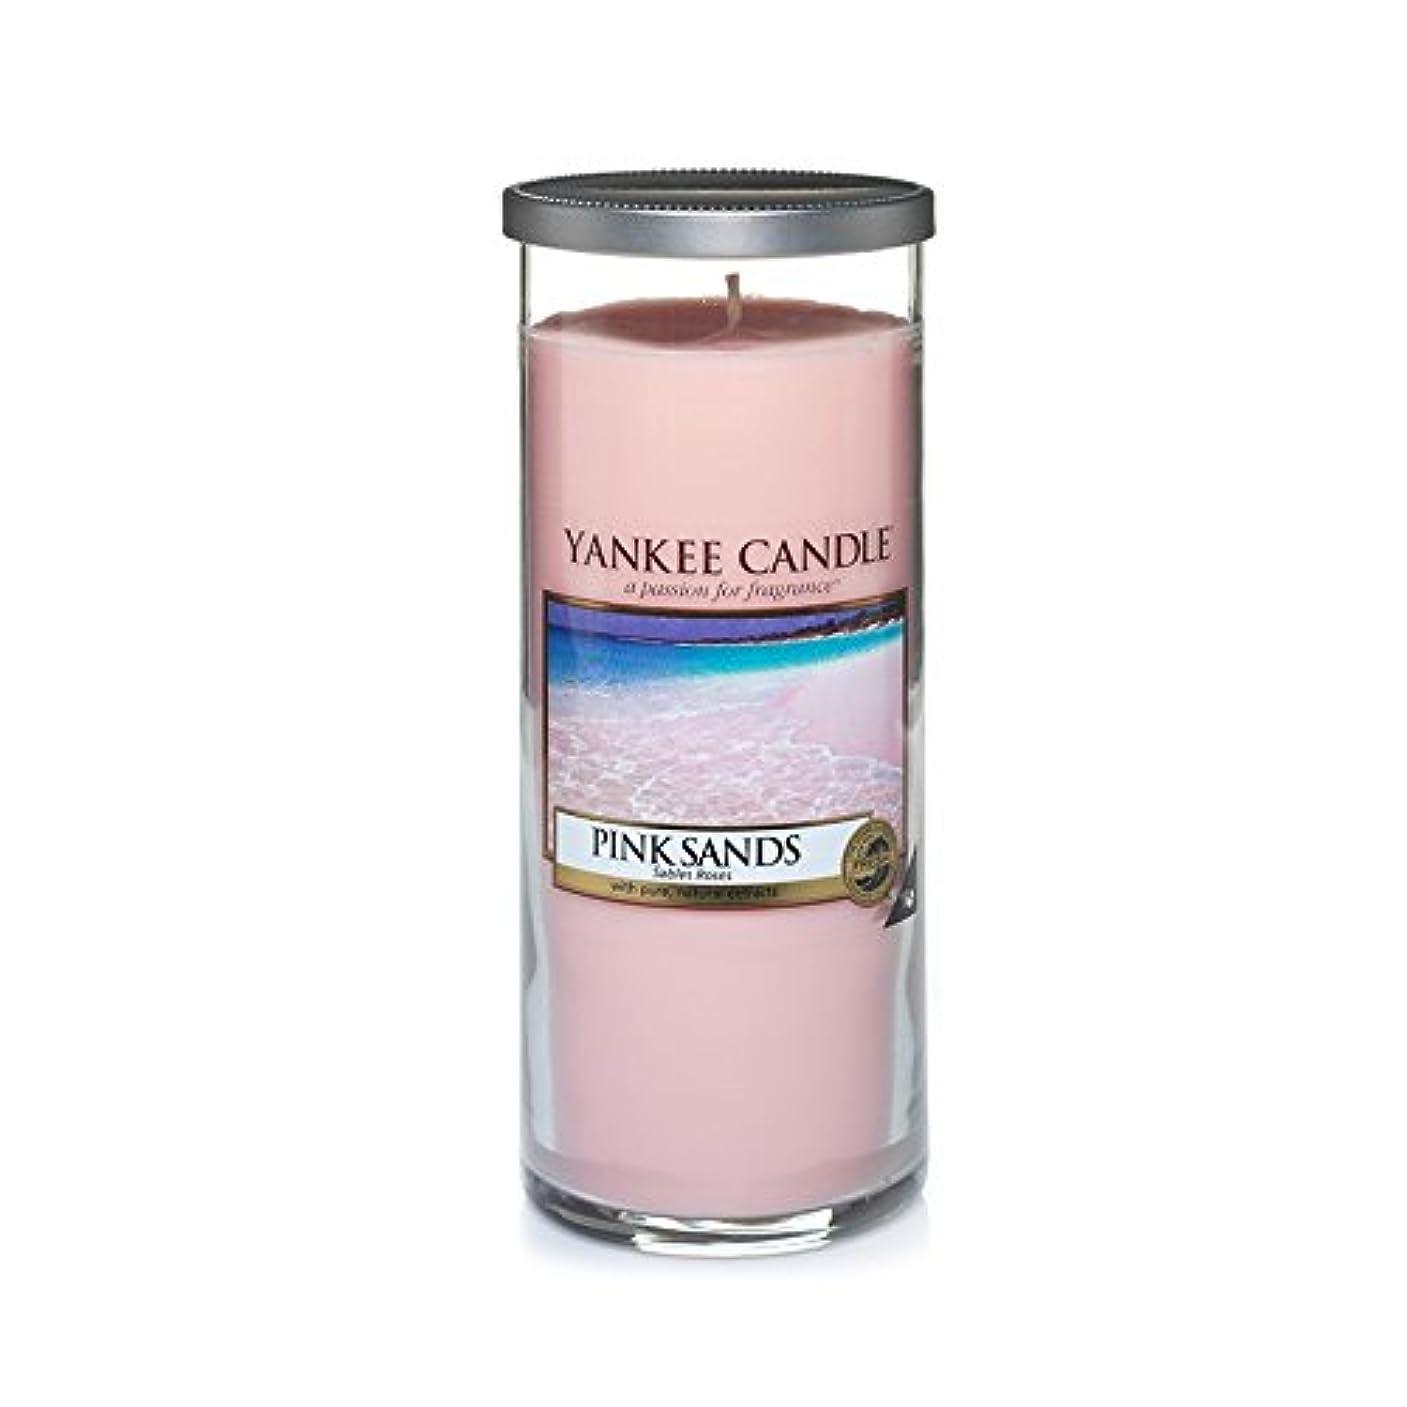 布トマト誰もYankee Candles Large Pillar Candle - Pink Sands? (Pack of 2) - ヤンキーキャンドル大きな柱キャンドル - ピンクの砂? (x2) [並行輸入品]